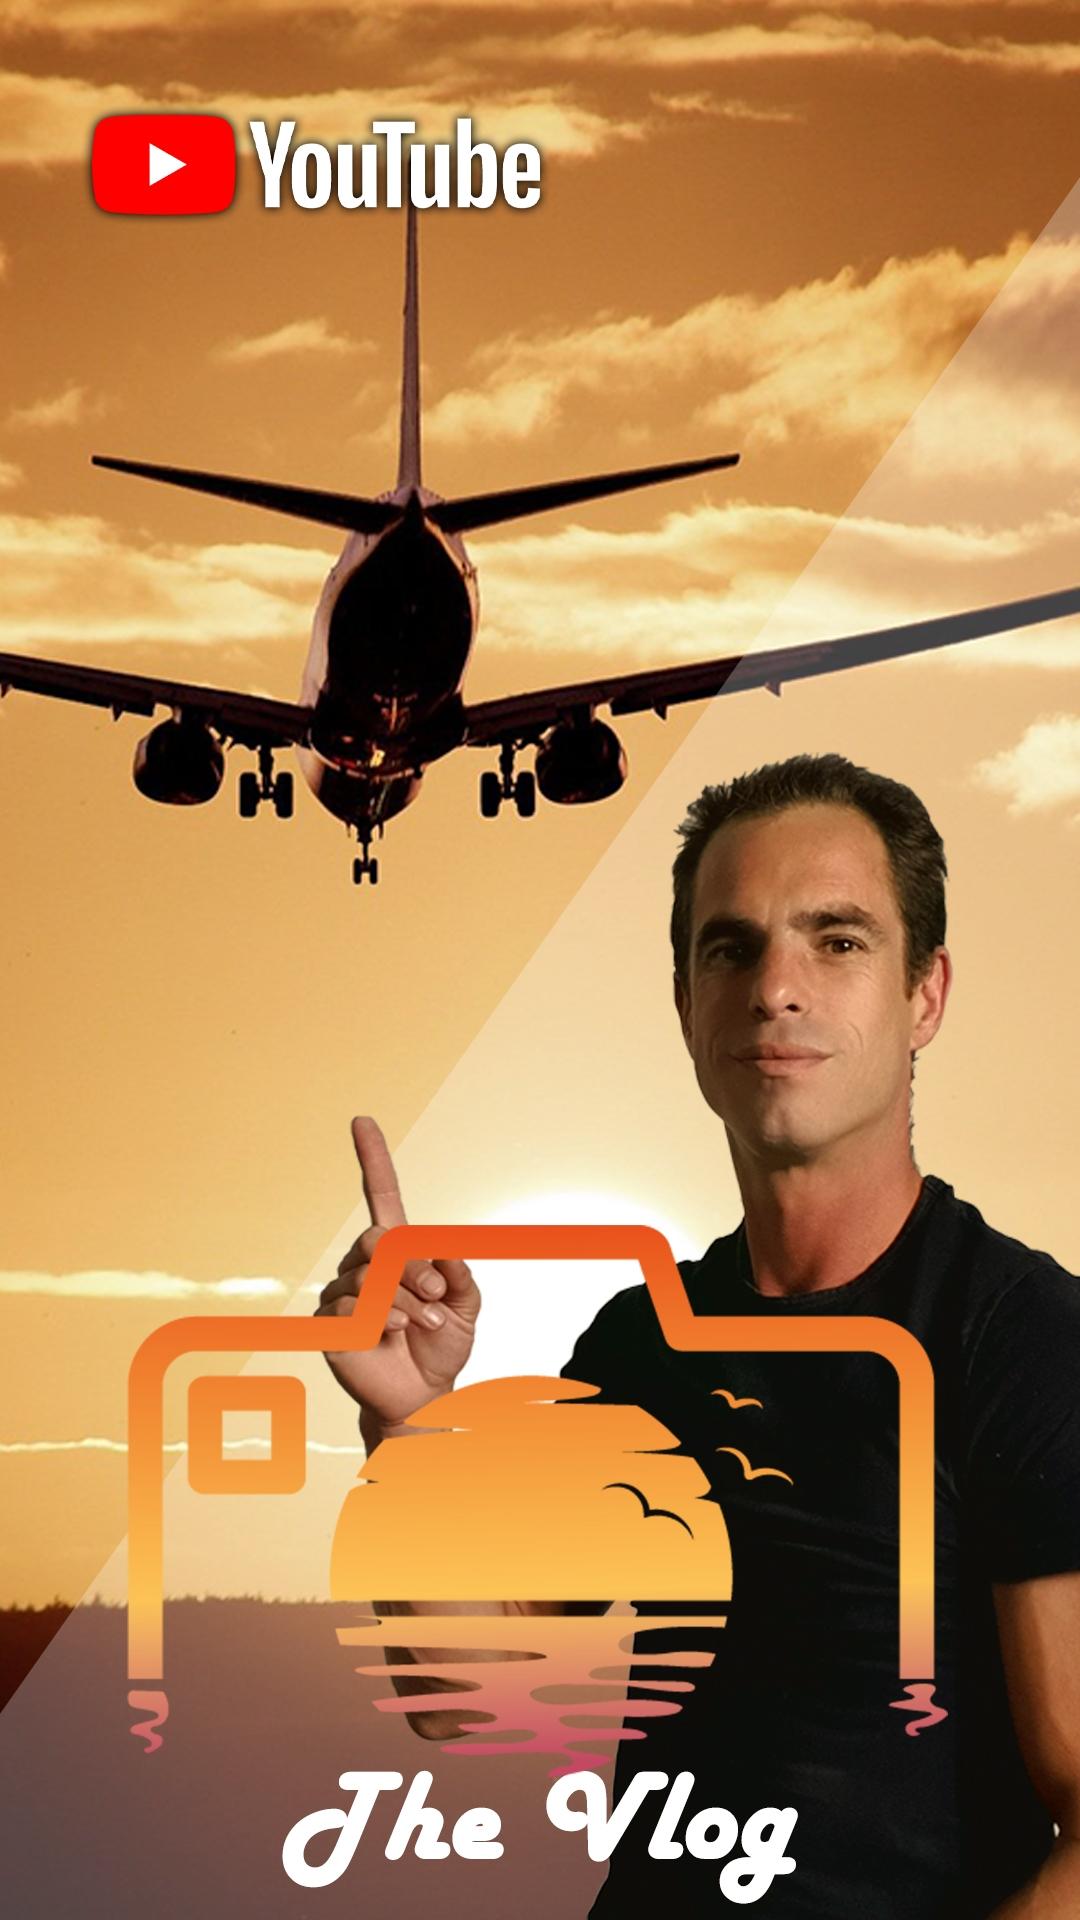 Vlog Costa Brava Vibes Spain Youtube video series Matt EnlaCosta Vliegen Costa Brava